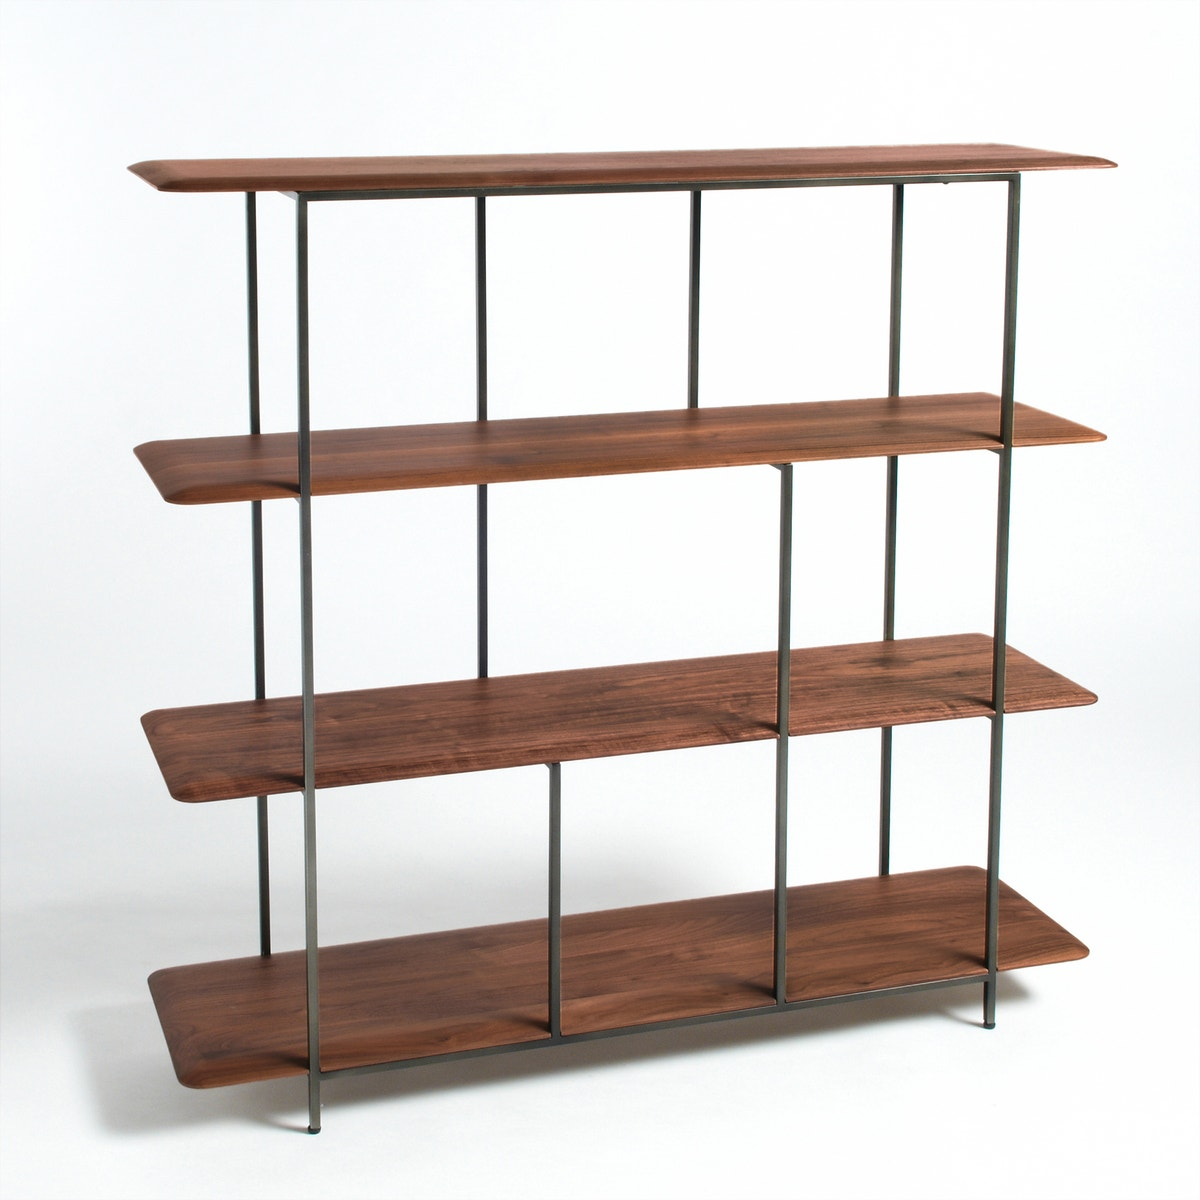 Βιβλιοθήκη Jacobson από ξύλο καρυδιάς